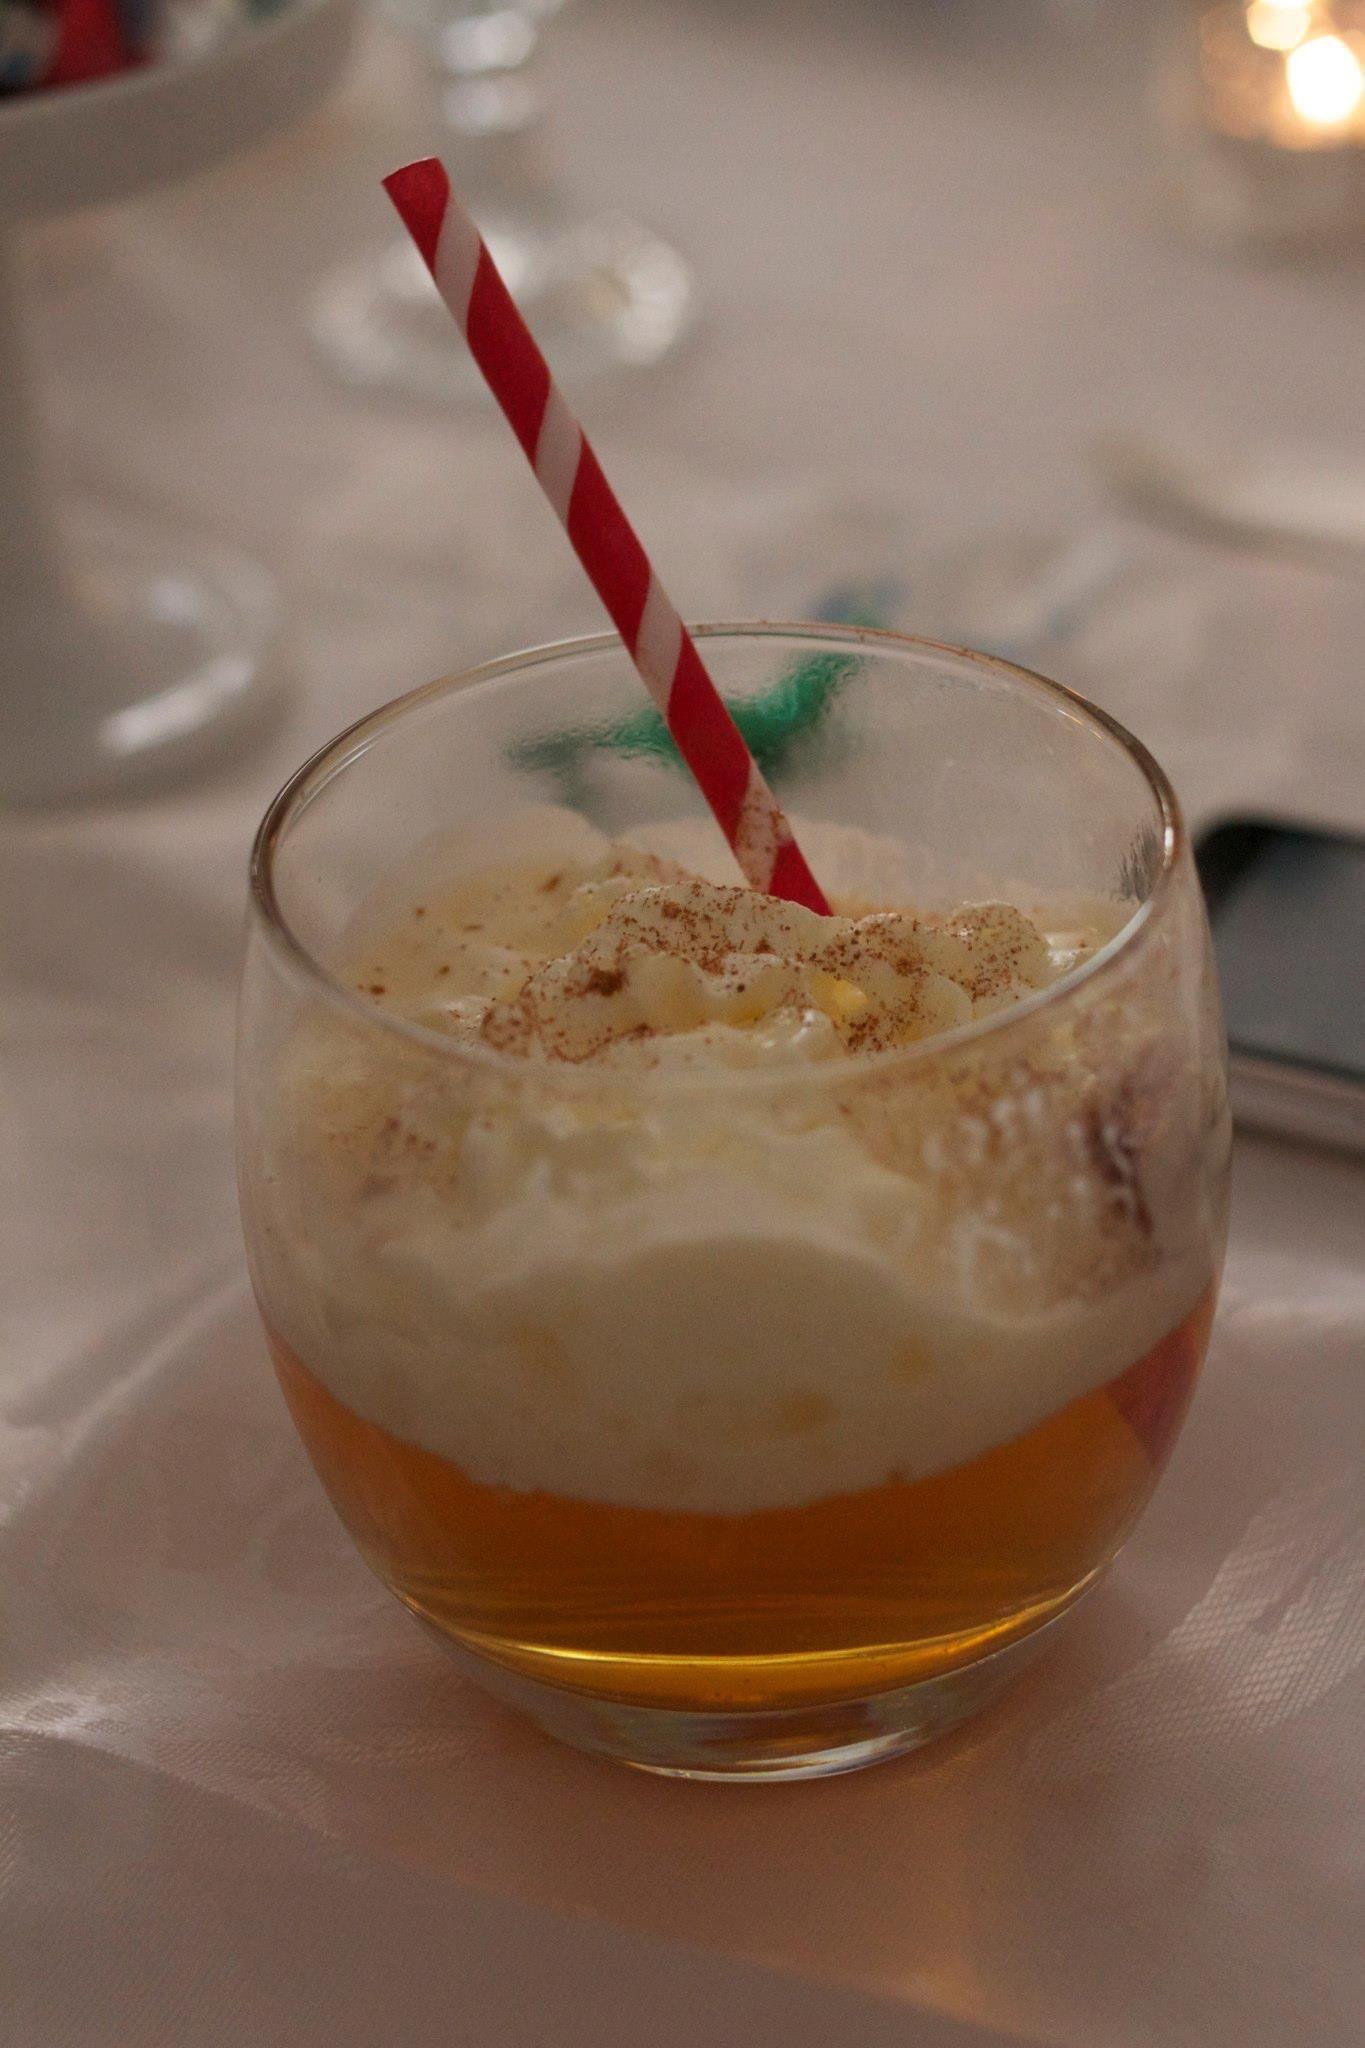 Homemade starbucks caramel apple spice the taste of